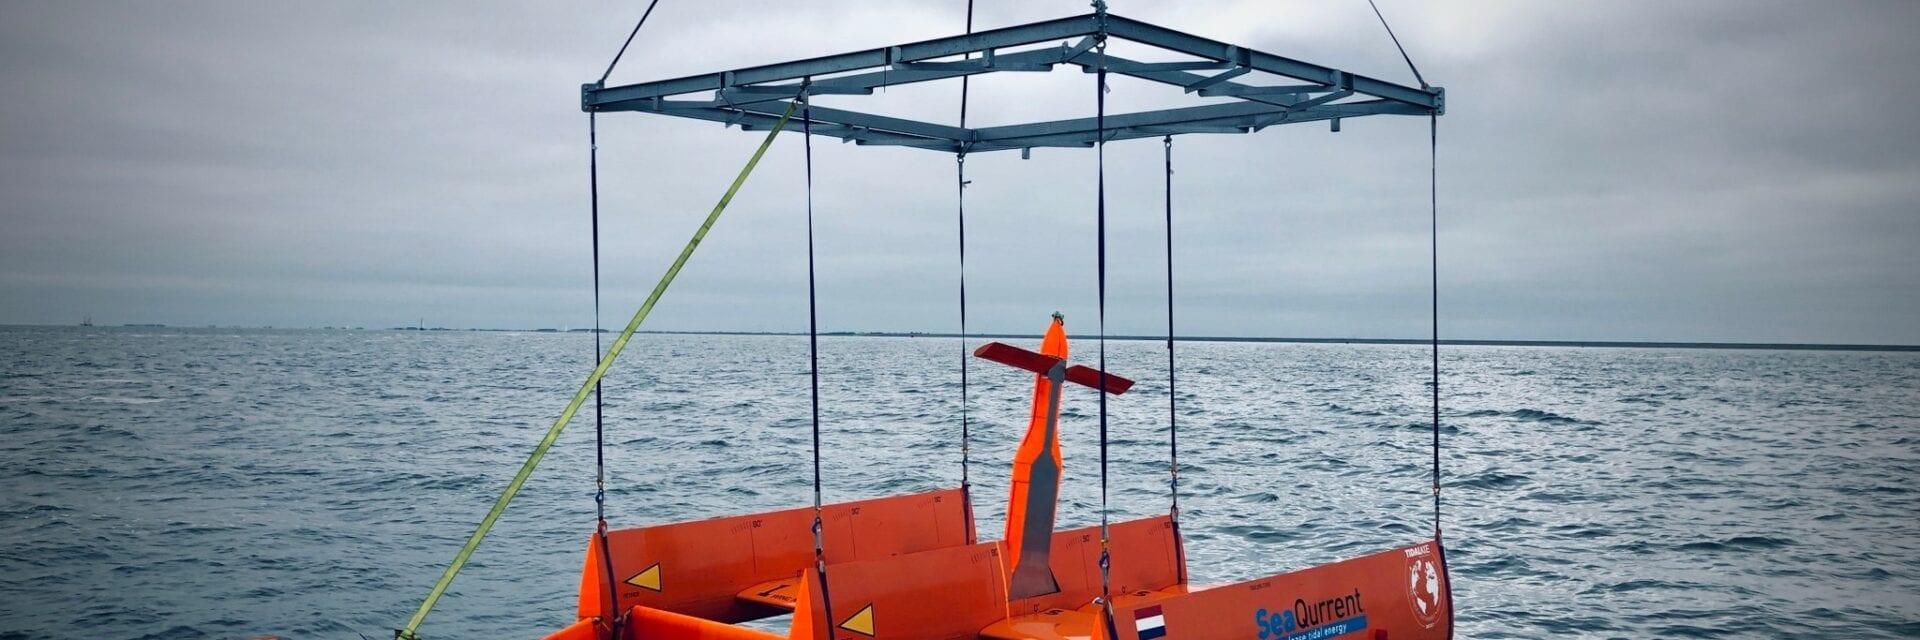 Je ziet een foto van de Waddenzee. De foto is te hoogte van het water genomen. Net daar boven zie je een oranje stellage. Dit is een soort vlieger met drie turbines en een propeller. Aan een aantal draden wordt de stellage het water ingezakt.